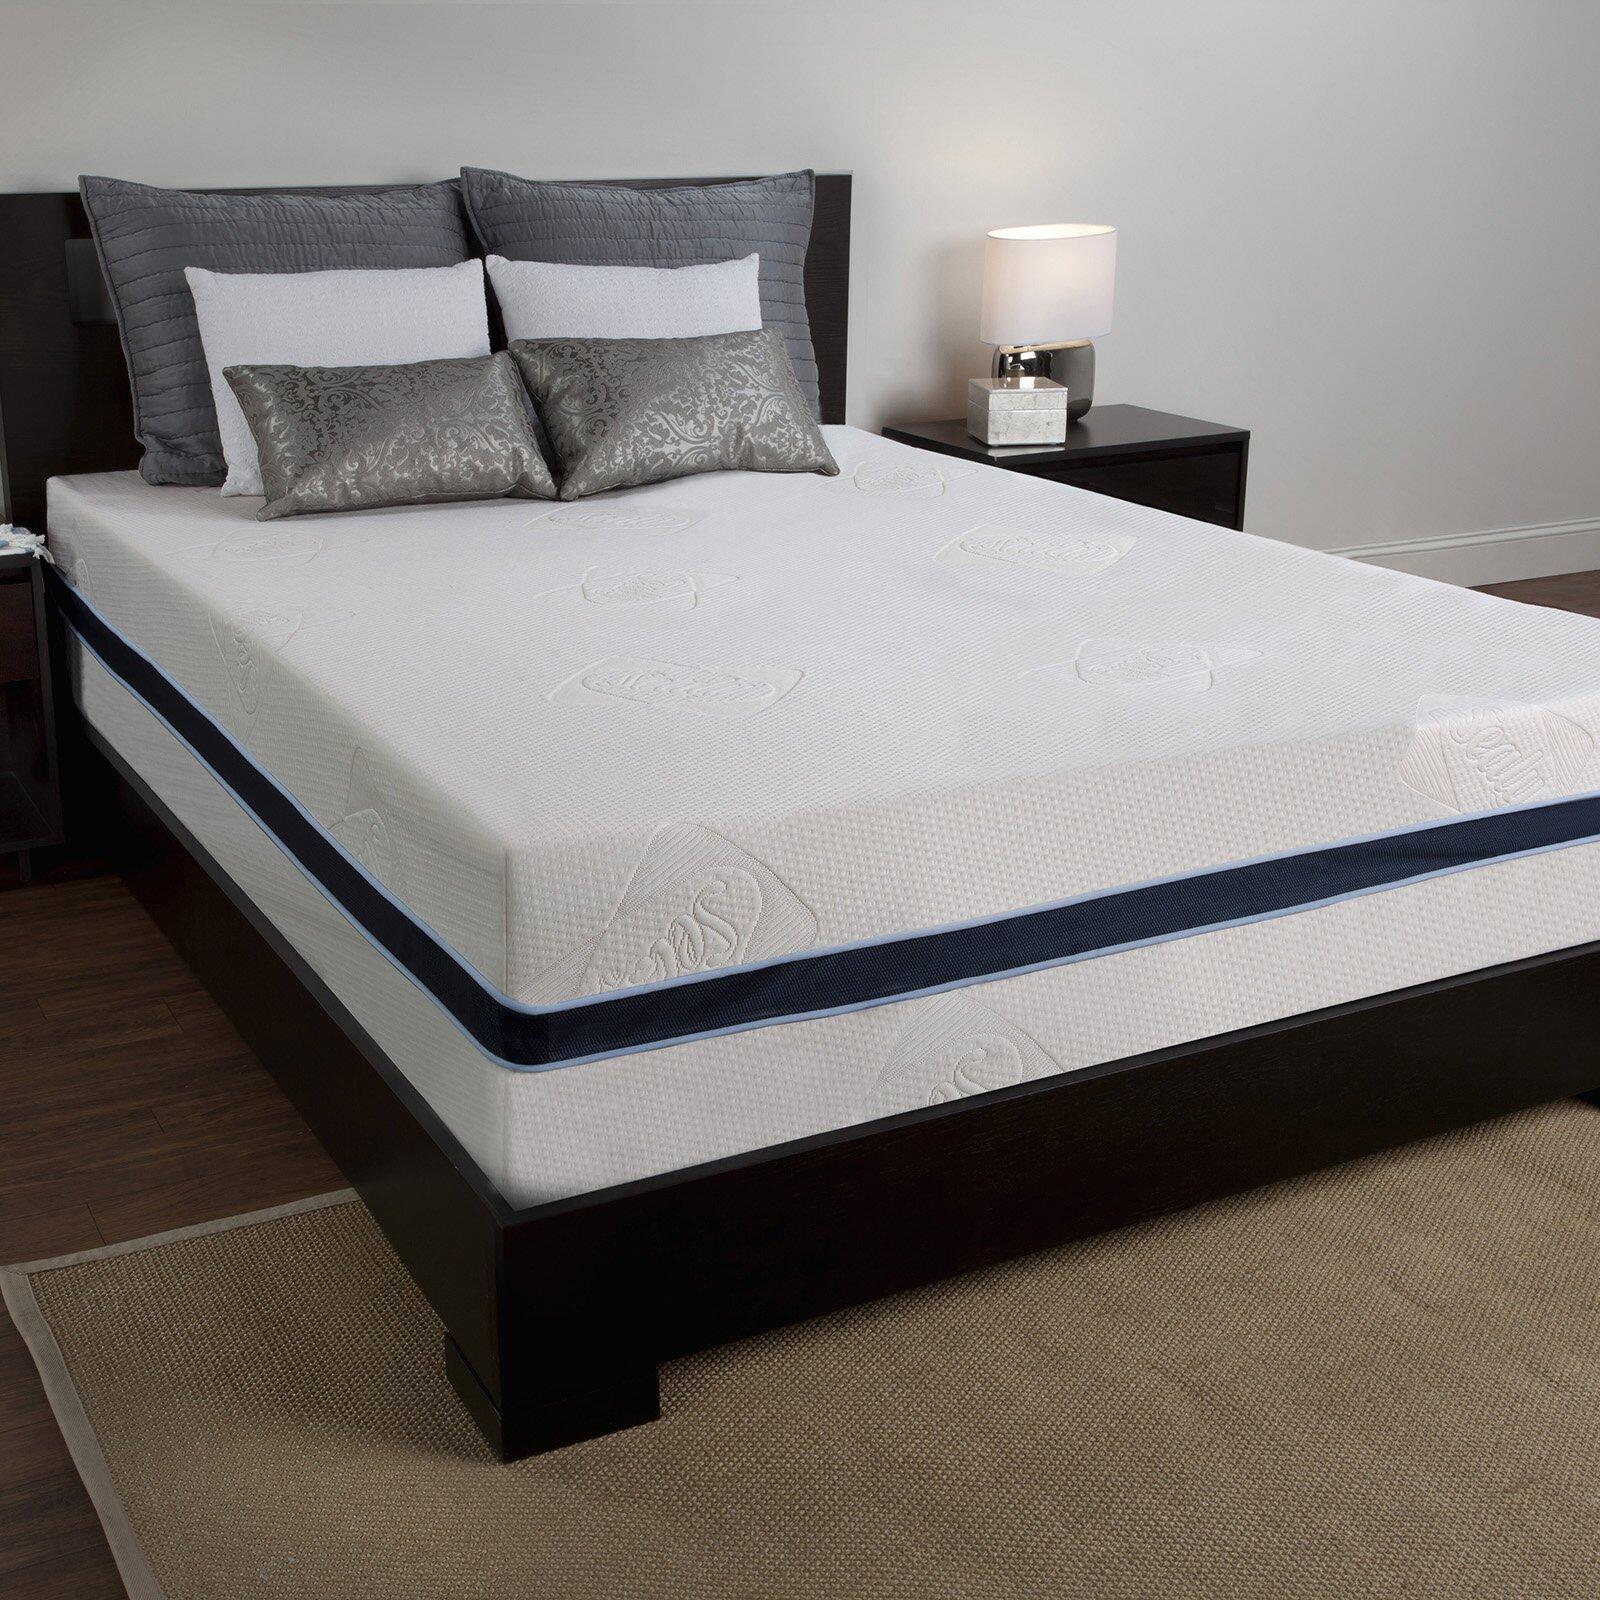 sealy memory foam mattress reviews